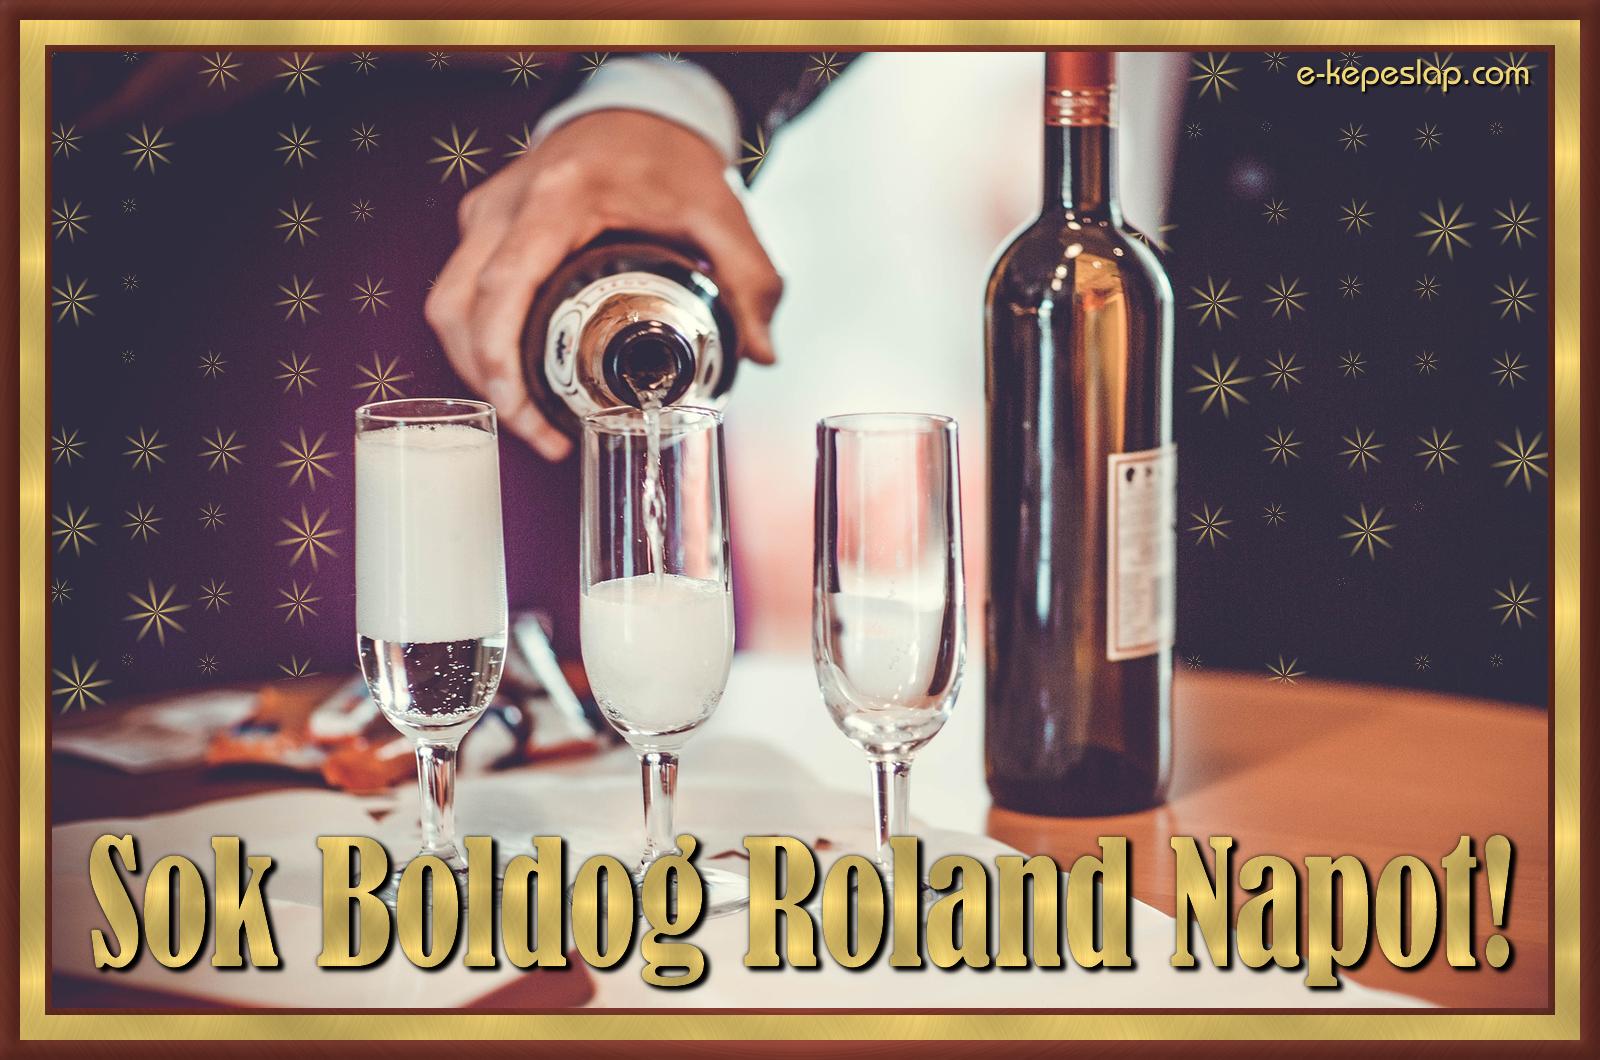 névnapi köszöntő roland Roland névnapi képeslap   Képeslapküldés   e kepeslap.com névnapi köszöntő roland